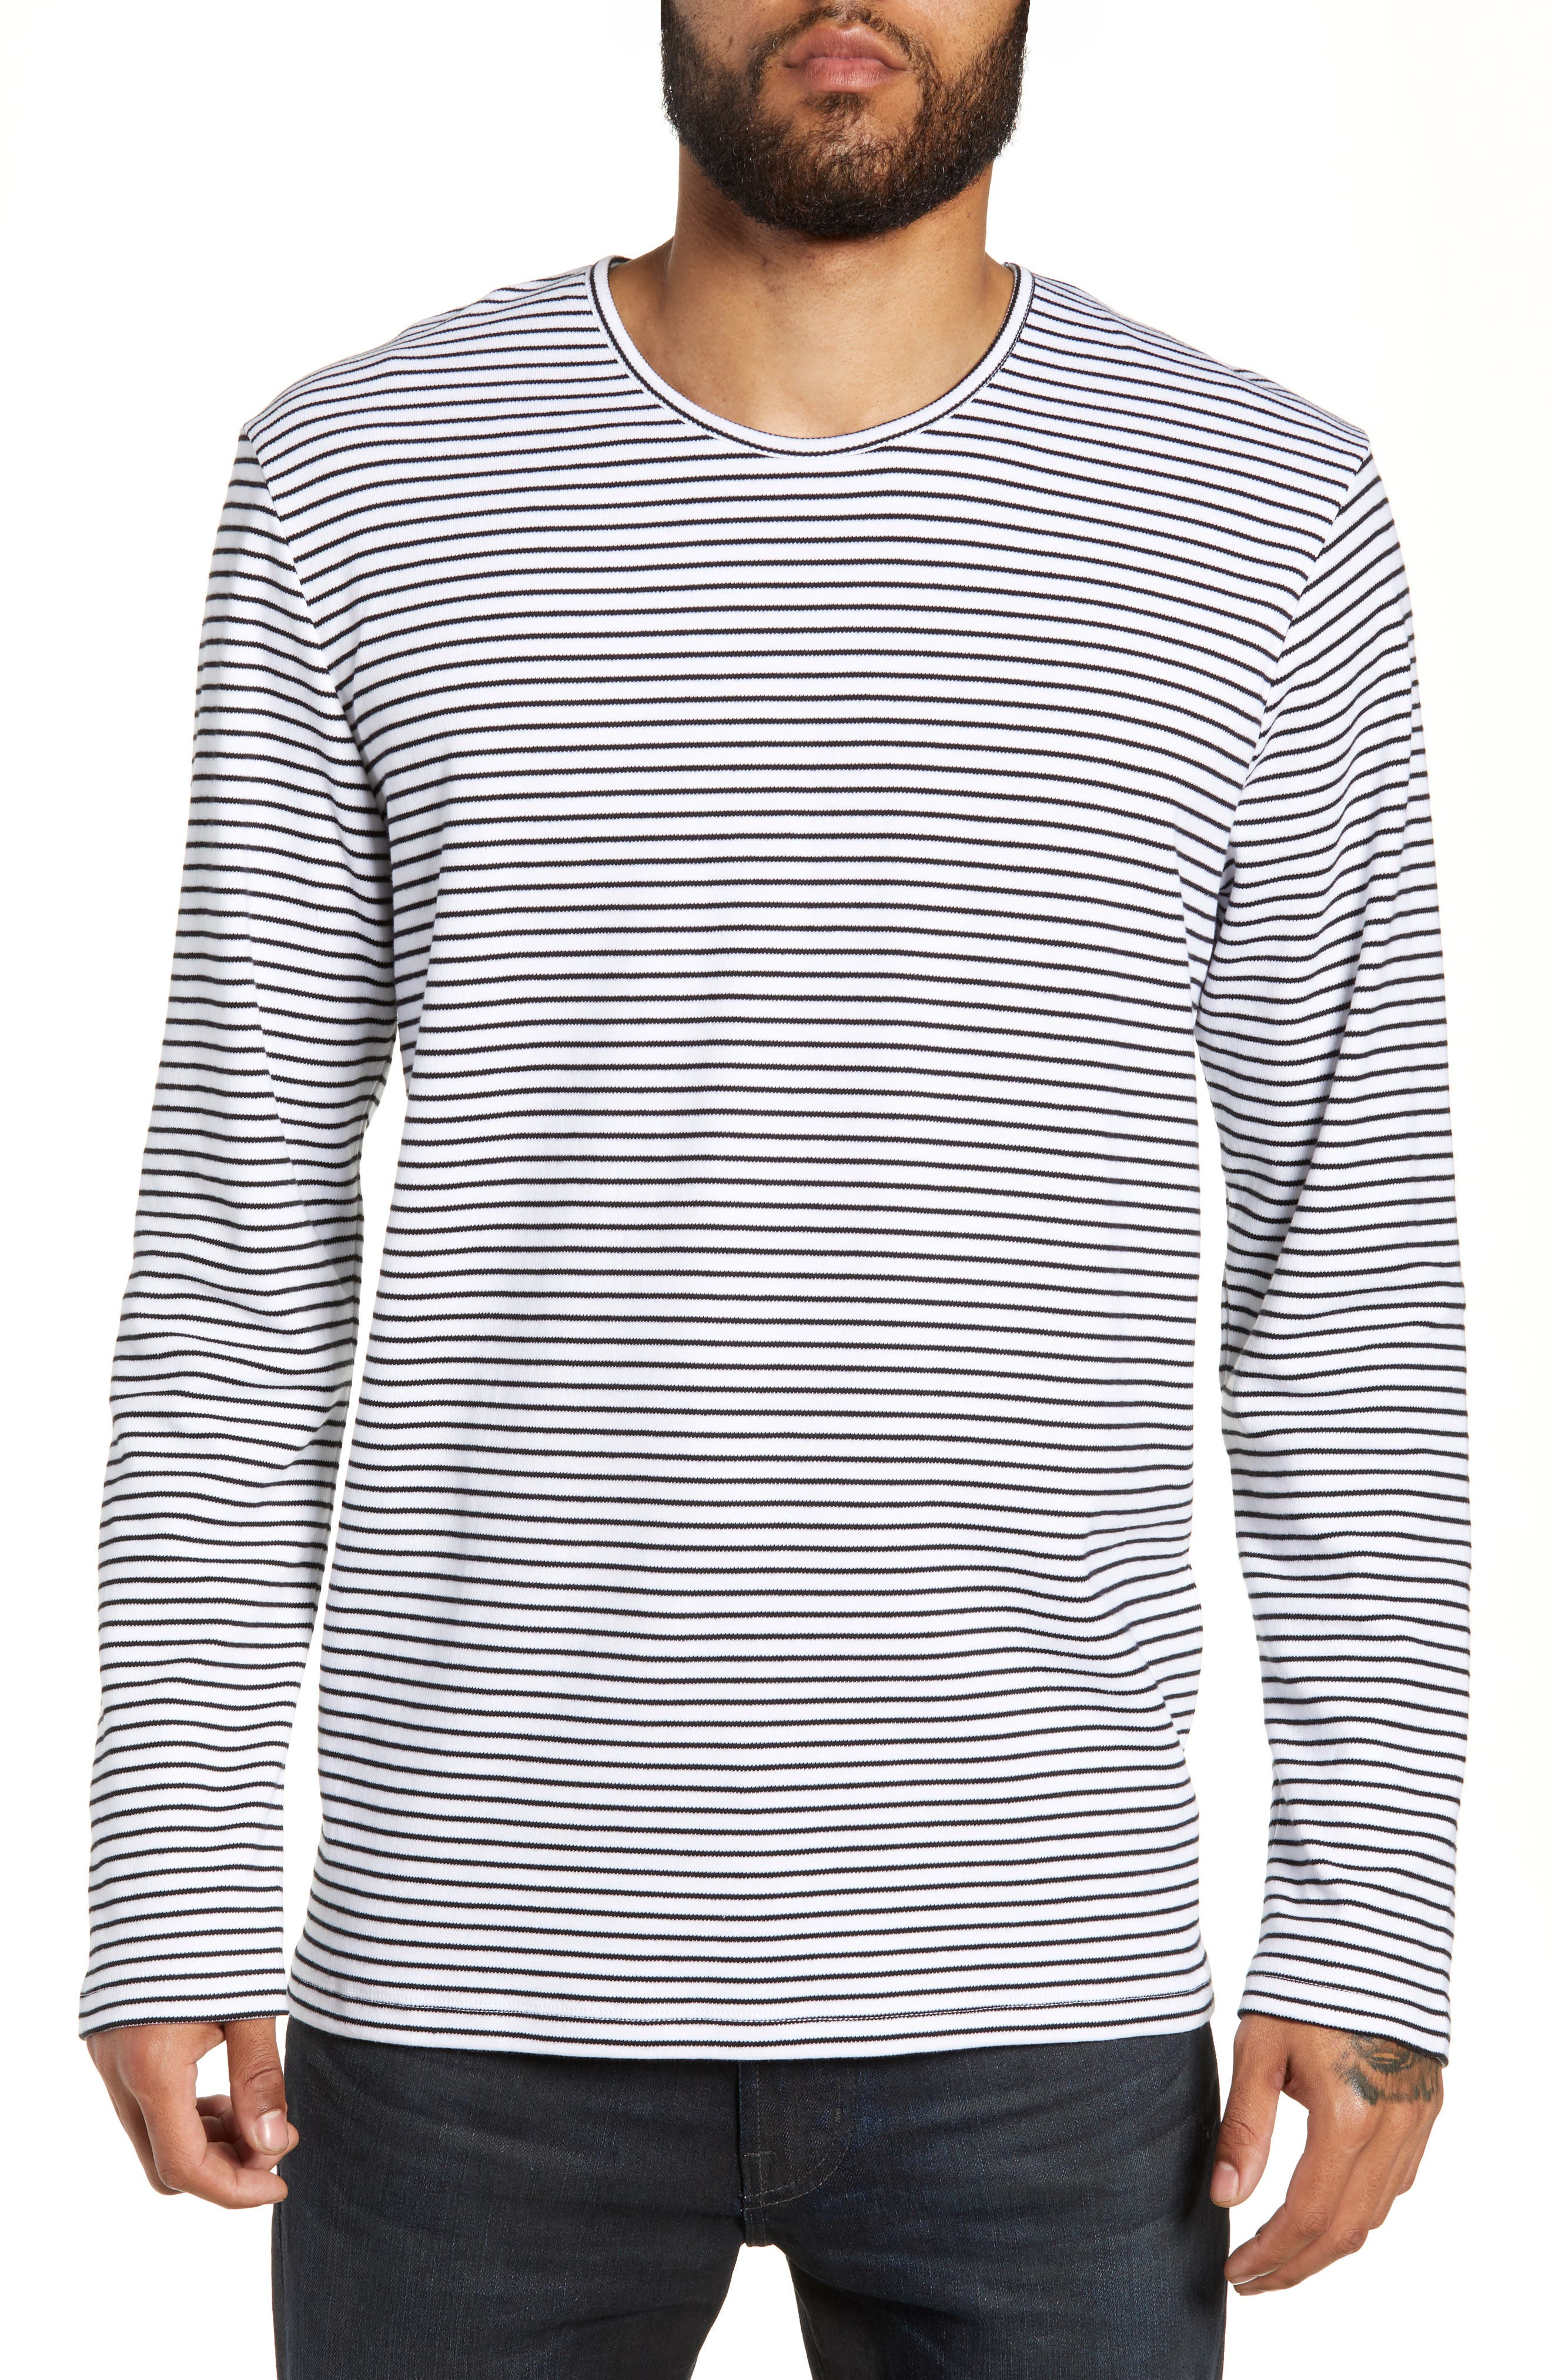 Finham Stripe Long Sleeve T-Shirt,                         Main,                         color, WHITE / BLACK STRIPE